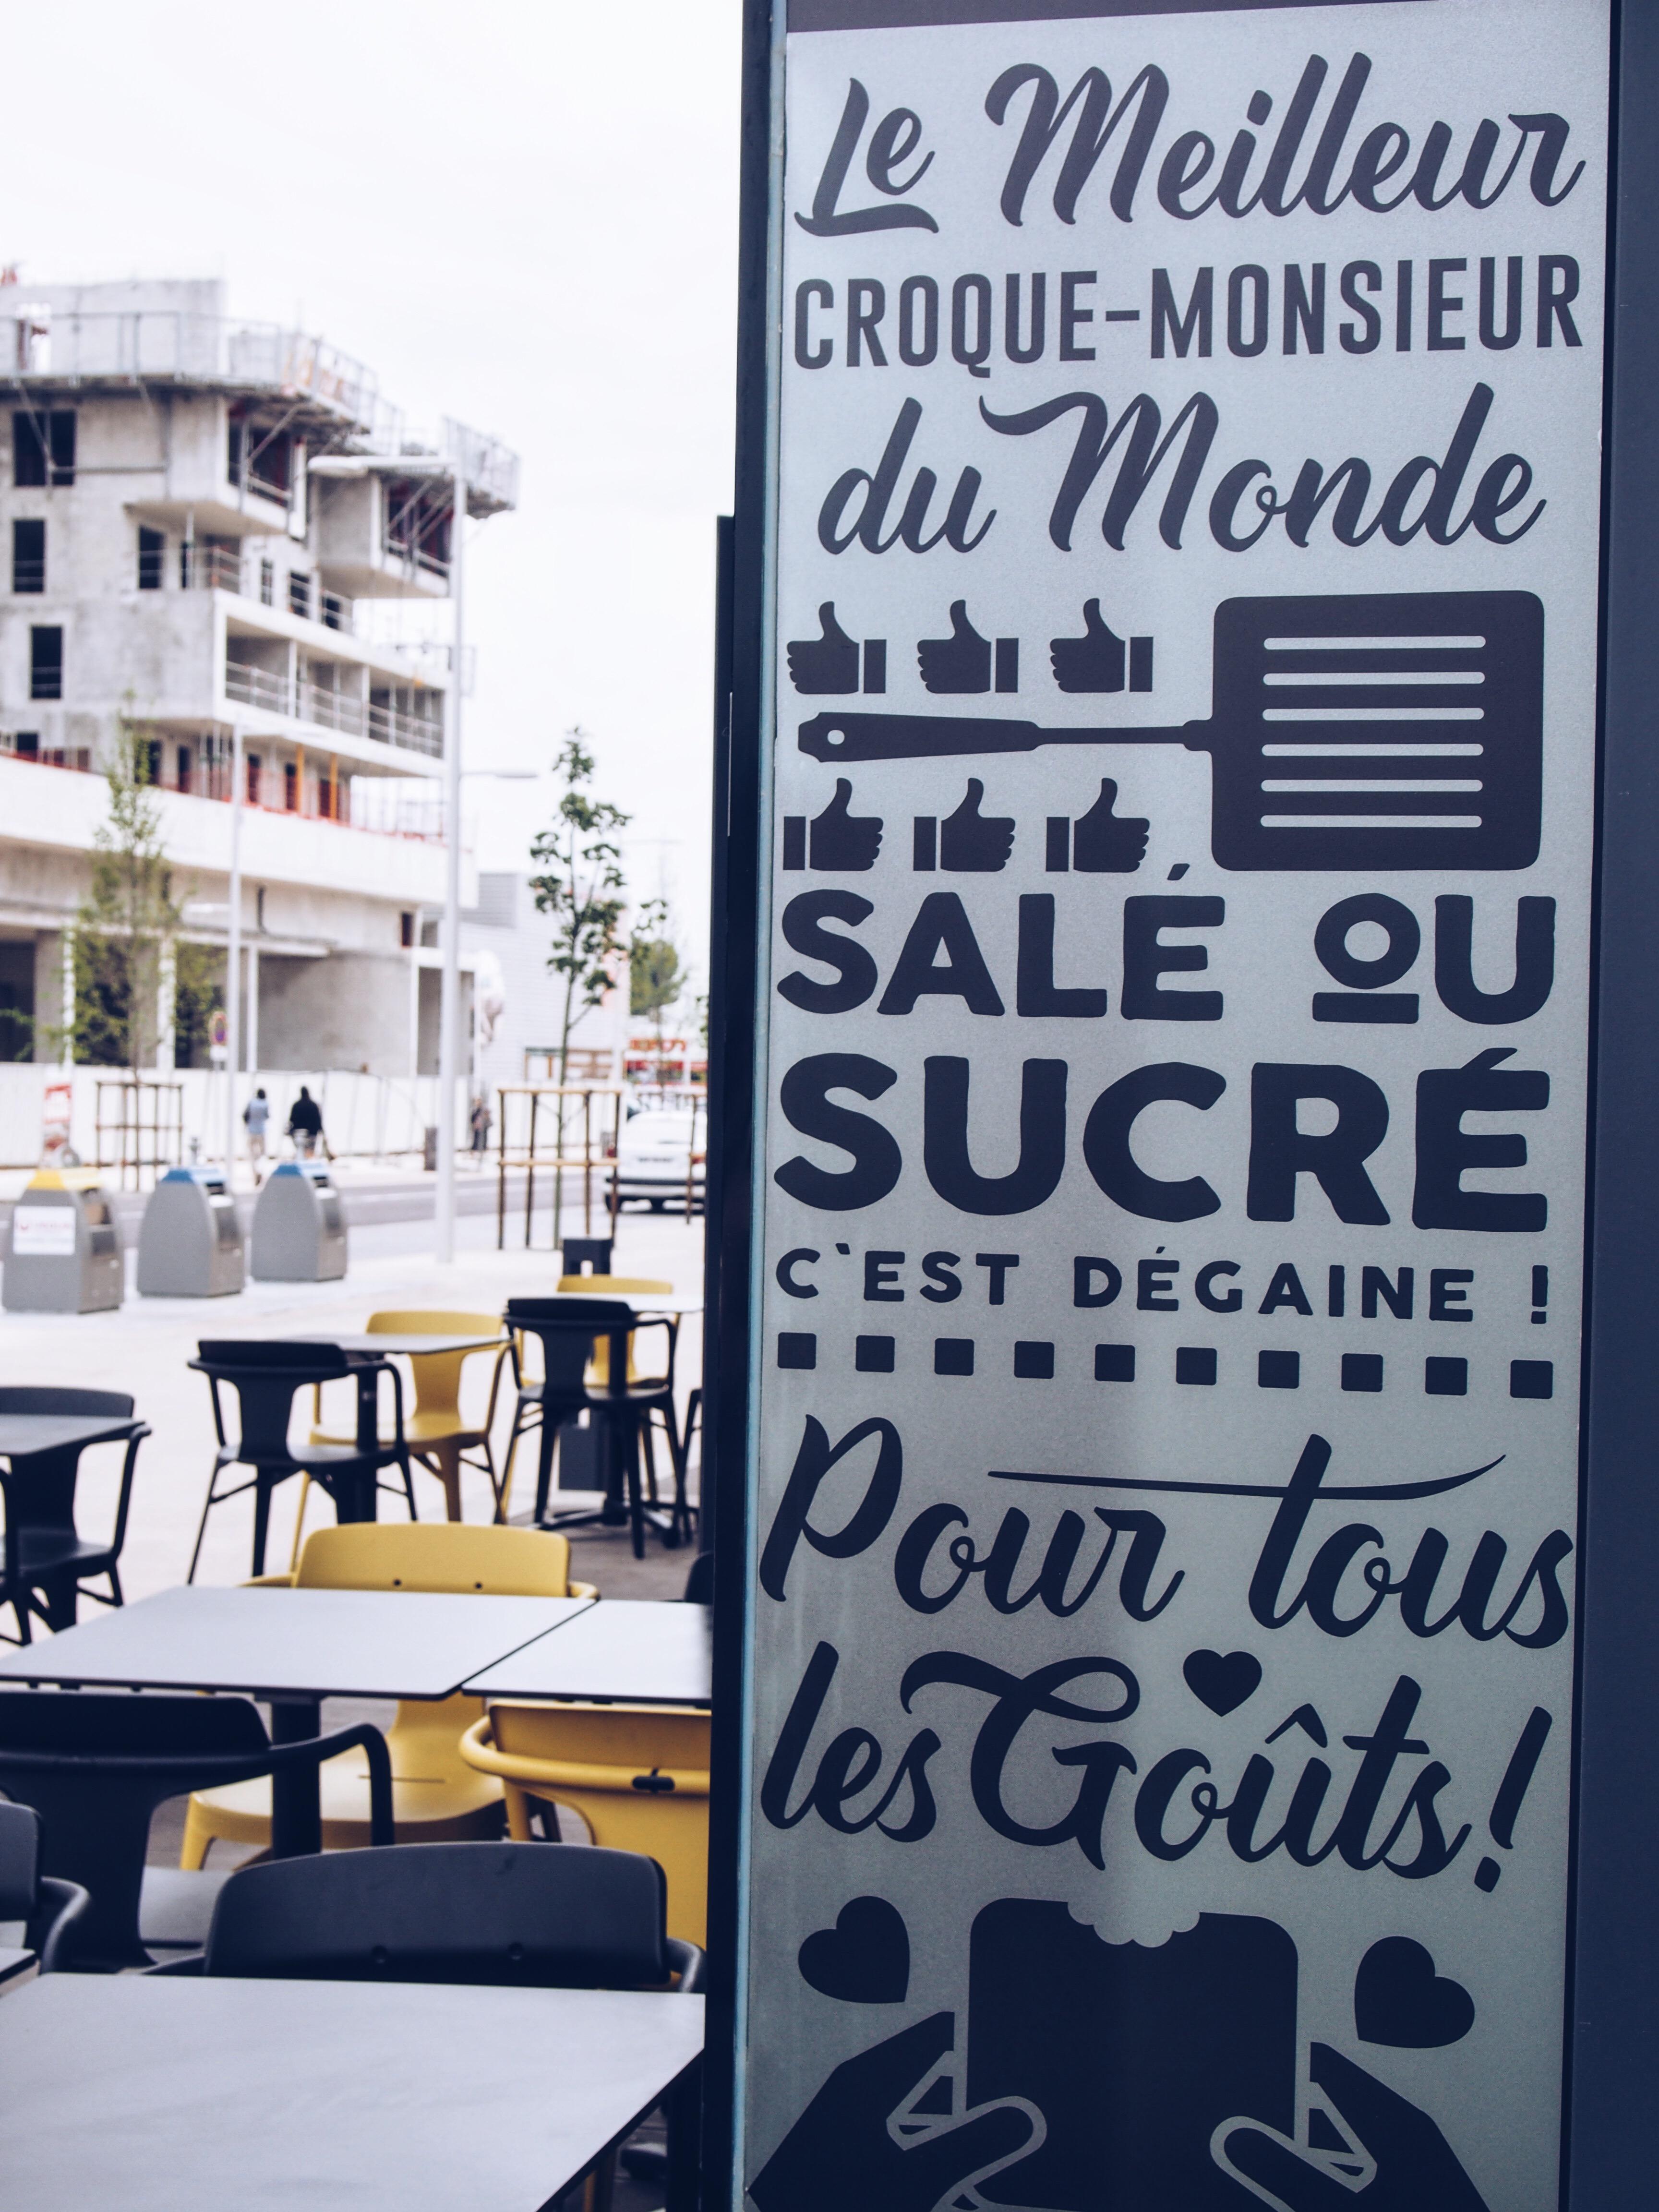 square-maker-avenue-83-toulon-la-valette-soprettylittlethings-croque-monsieur-restaurant